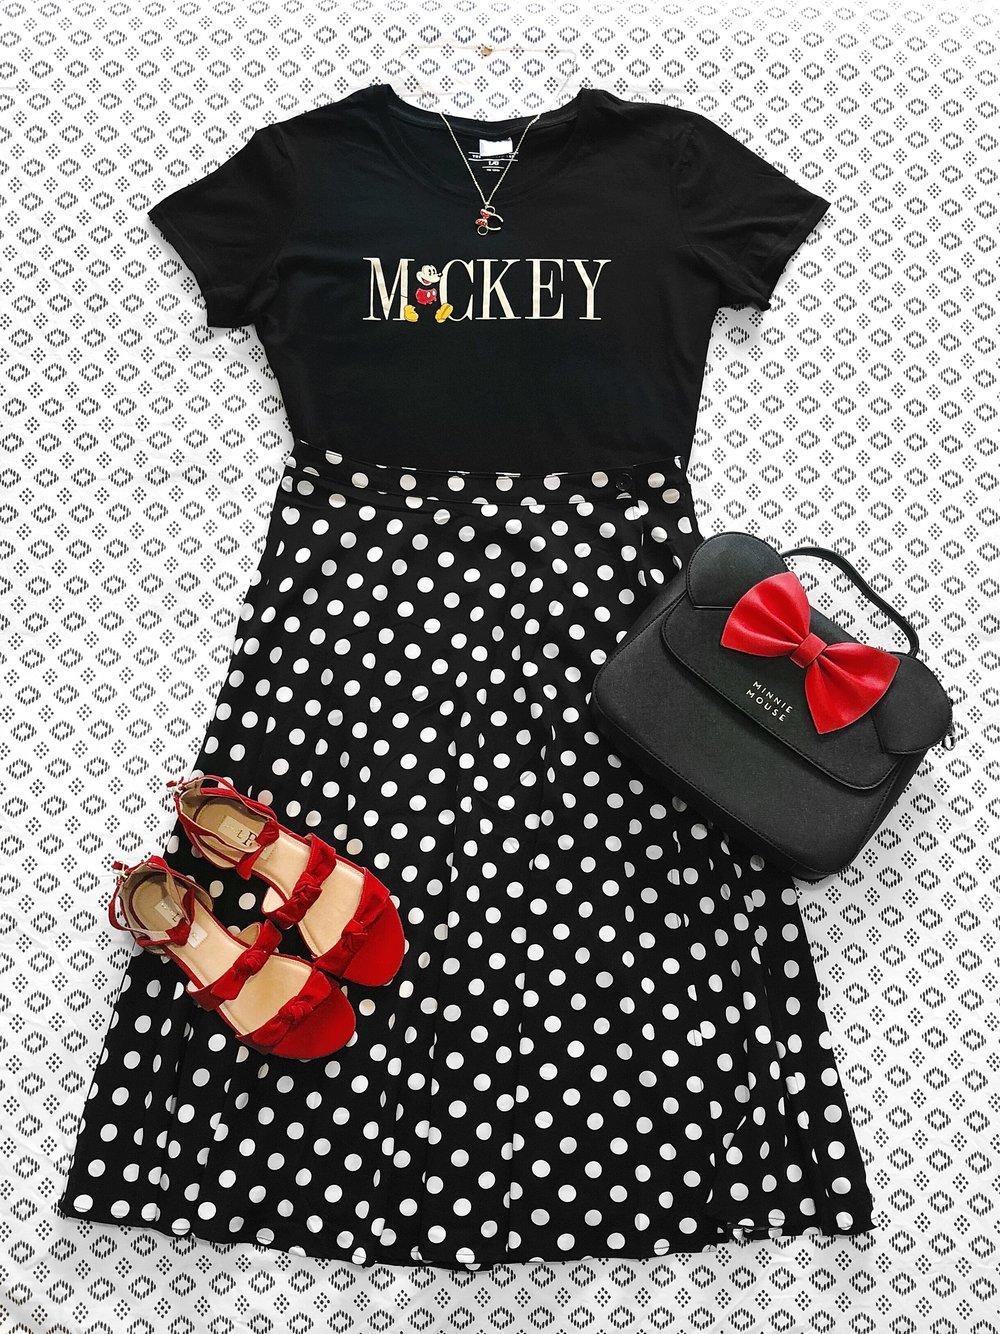 Aussie Disney Style — Moments So Magical e048719874cc1